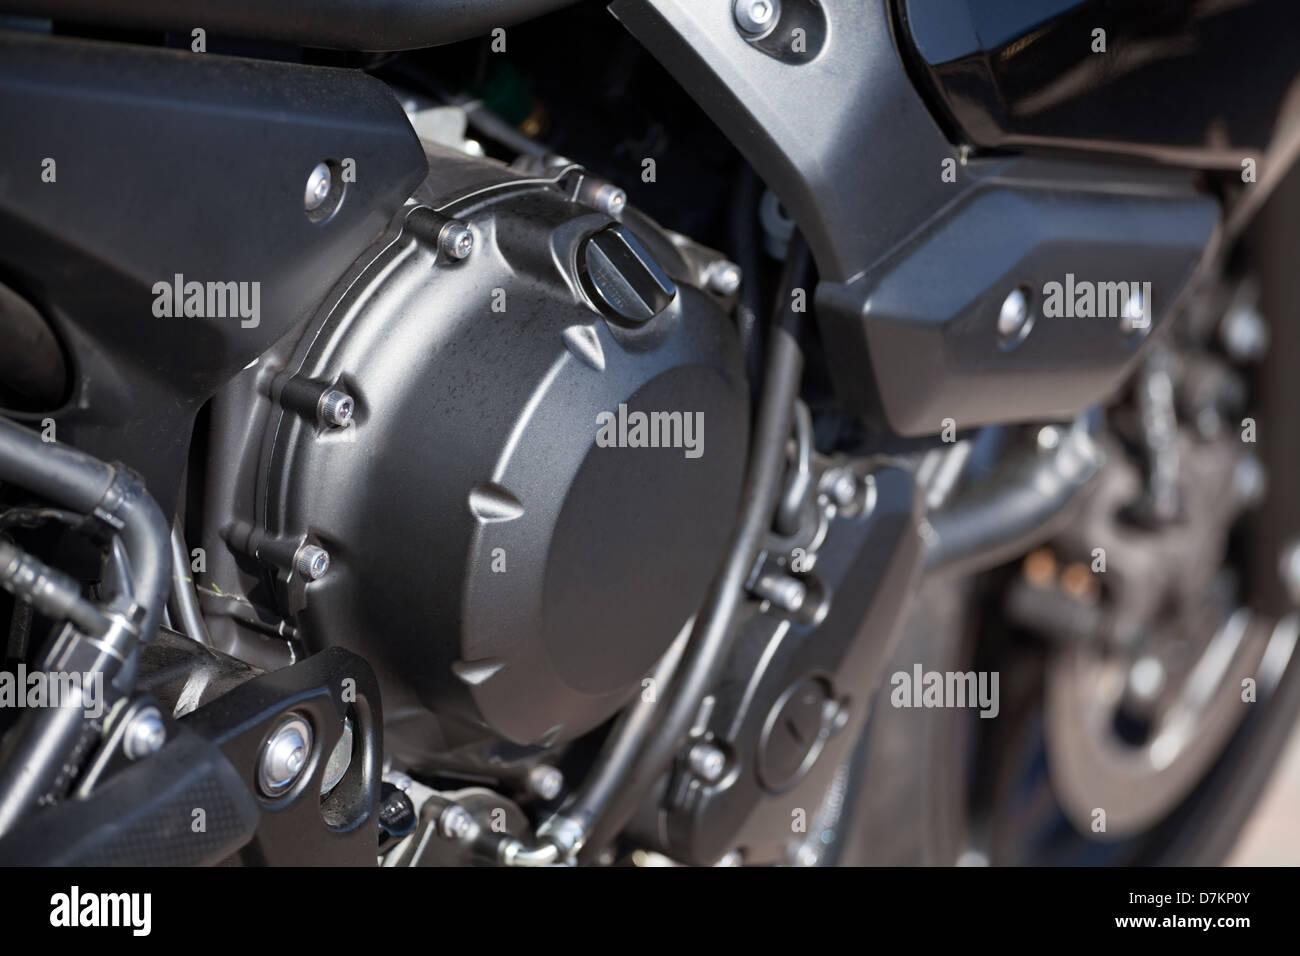 A motore motociclistico cilindro closeup dettaglio Immagini Stock